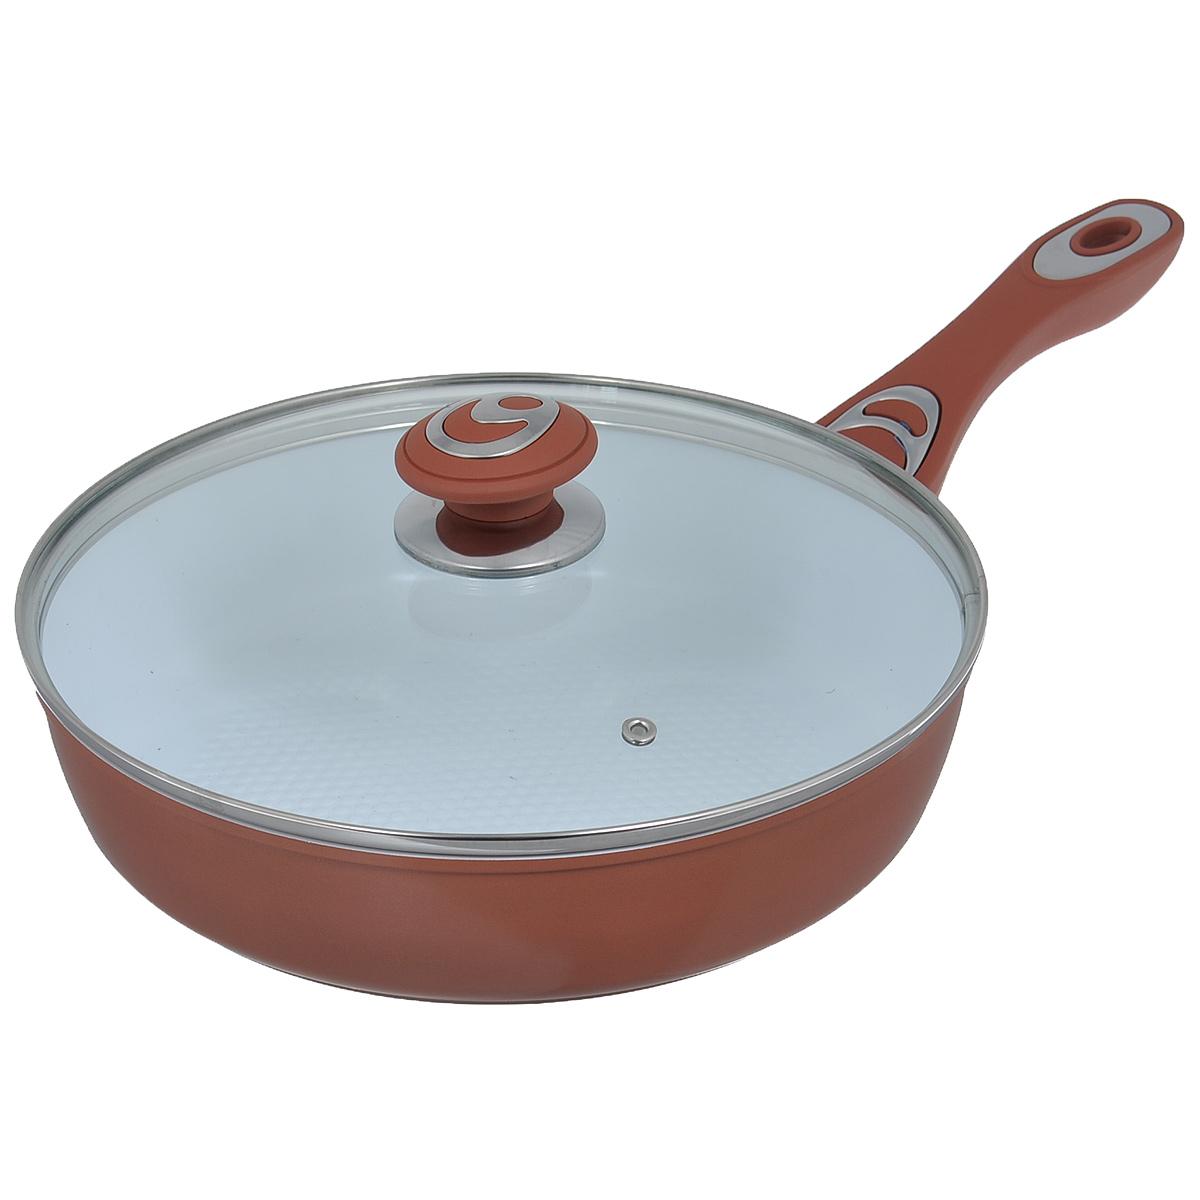 Сковорода Bohmann с крышкой, с керамическим покрытием, цвет: коричневый. Диаметр 24 см. BH - 7514BH - 7514 коричневыйСковорода Bohmann изготовлена из алюминия с износоустойчивым керамическим покрытием. Благодаря керамическому покрытию пища не пригорает и не прилипает к поверхности сковороды, что позволяет готовить с минимальным количеством масла. Кроме того, такое покрытие абсолютно безопасно для здоровья человека, так как не содержит вредной примеси PTFE. Рифленая внутренняя поверхность сковороды в виде сот обеспечивает быстрое и легкое приготовление. Достоинства керамического покрытия: - устойчивость к высоким температурам и резким перепадам температур, - устойчивость к царапающим кухонным принадлежностям и абразивным моющим средствам, - устойчивость к коррозии, - водоотталкивающий эффект, - покрытие способствует испарению воды во время готовки, - длительный срок службы, - безопасность для окружающей среды и человека. Внешнее покрытие - жаростойкий лак, который сохраняет цвет долгое время и обладает жироотталкивающими свойствами. Сковорода быстро разогревается, распределяя тепло по всей поверхности, что позволяет готовить в энергосберегающем режиме, значительно сокращая время, проведенное у плиты. Сковорода оснащена удобной ручкой, выполненной из бакелита с прорезиненным покрытием. Такая ручка не нагревается в процессе готовки и обеспечивает надежный хват. Крышка изготовлена из жаропрочного стекла, оснащена ручкой, отверстием для выпуска пара и металлическим ободом. Благодаря такой крышке можно следить за приготовлением пищи без потери тепла. Можно готовить на газовых, электрических, стеклокерамических, галогенных, индукционных плитах. Подходит для чистки в посудомоечной машине.